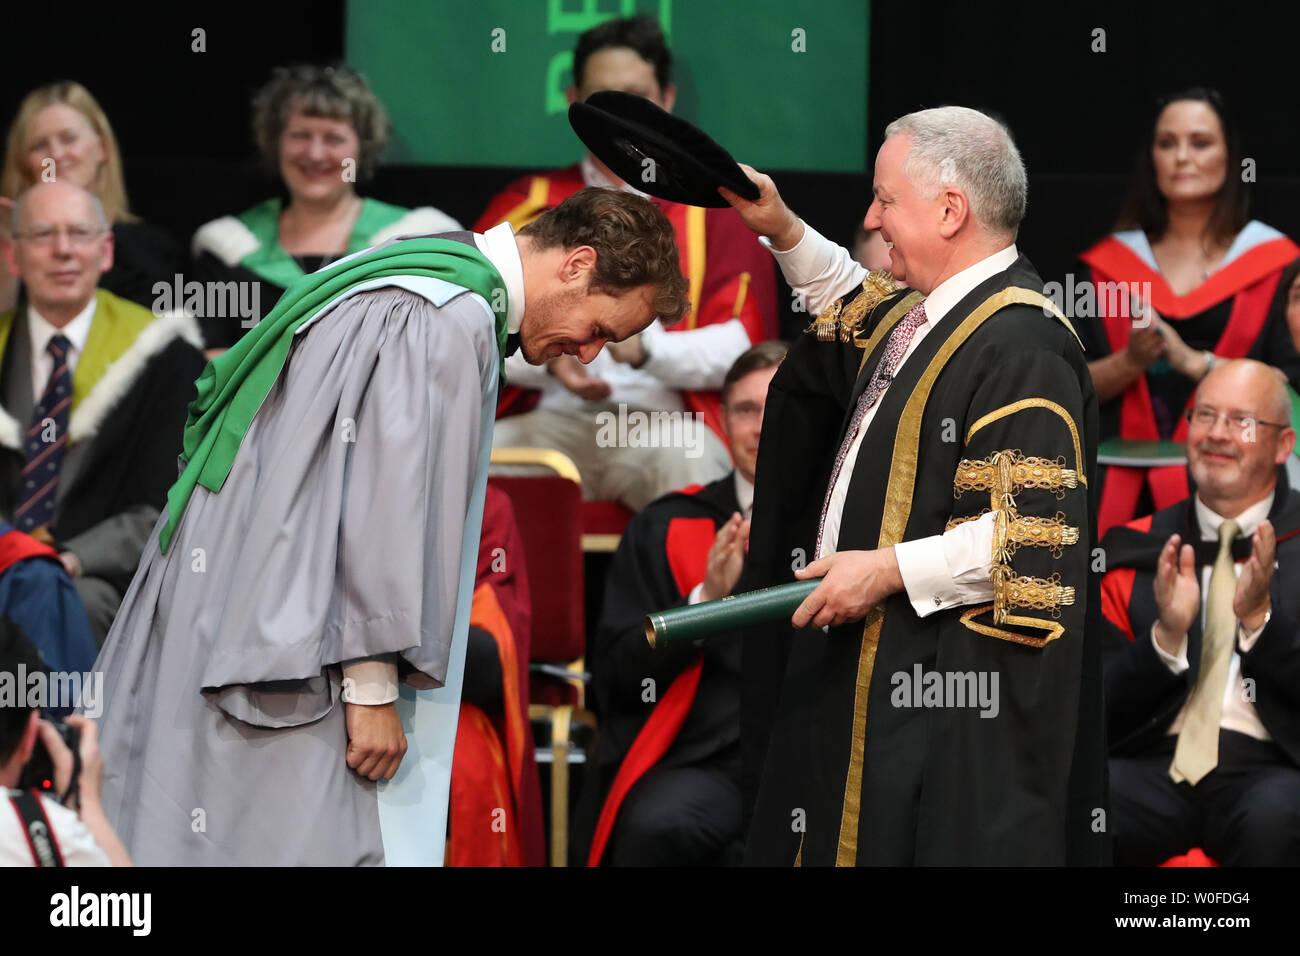 Outlander actor Sam Heughan receiving his honorary doctorate